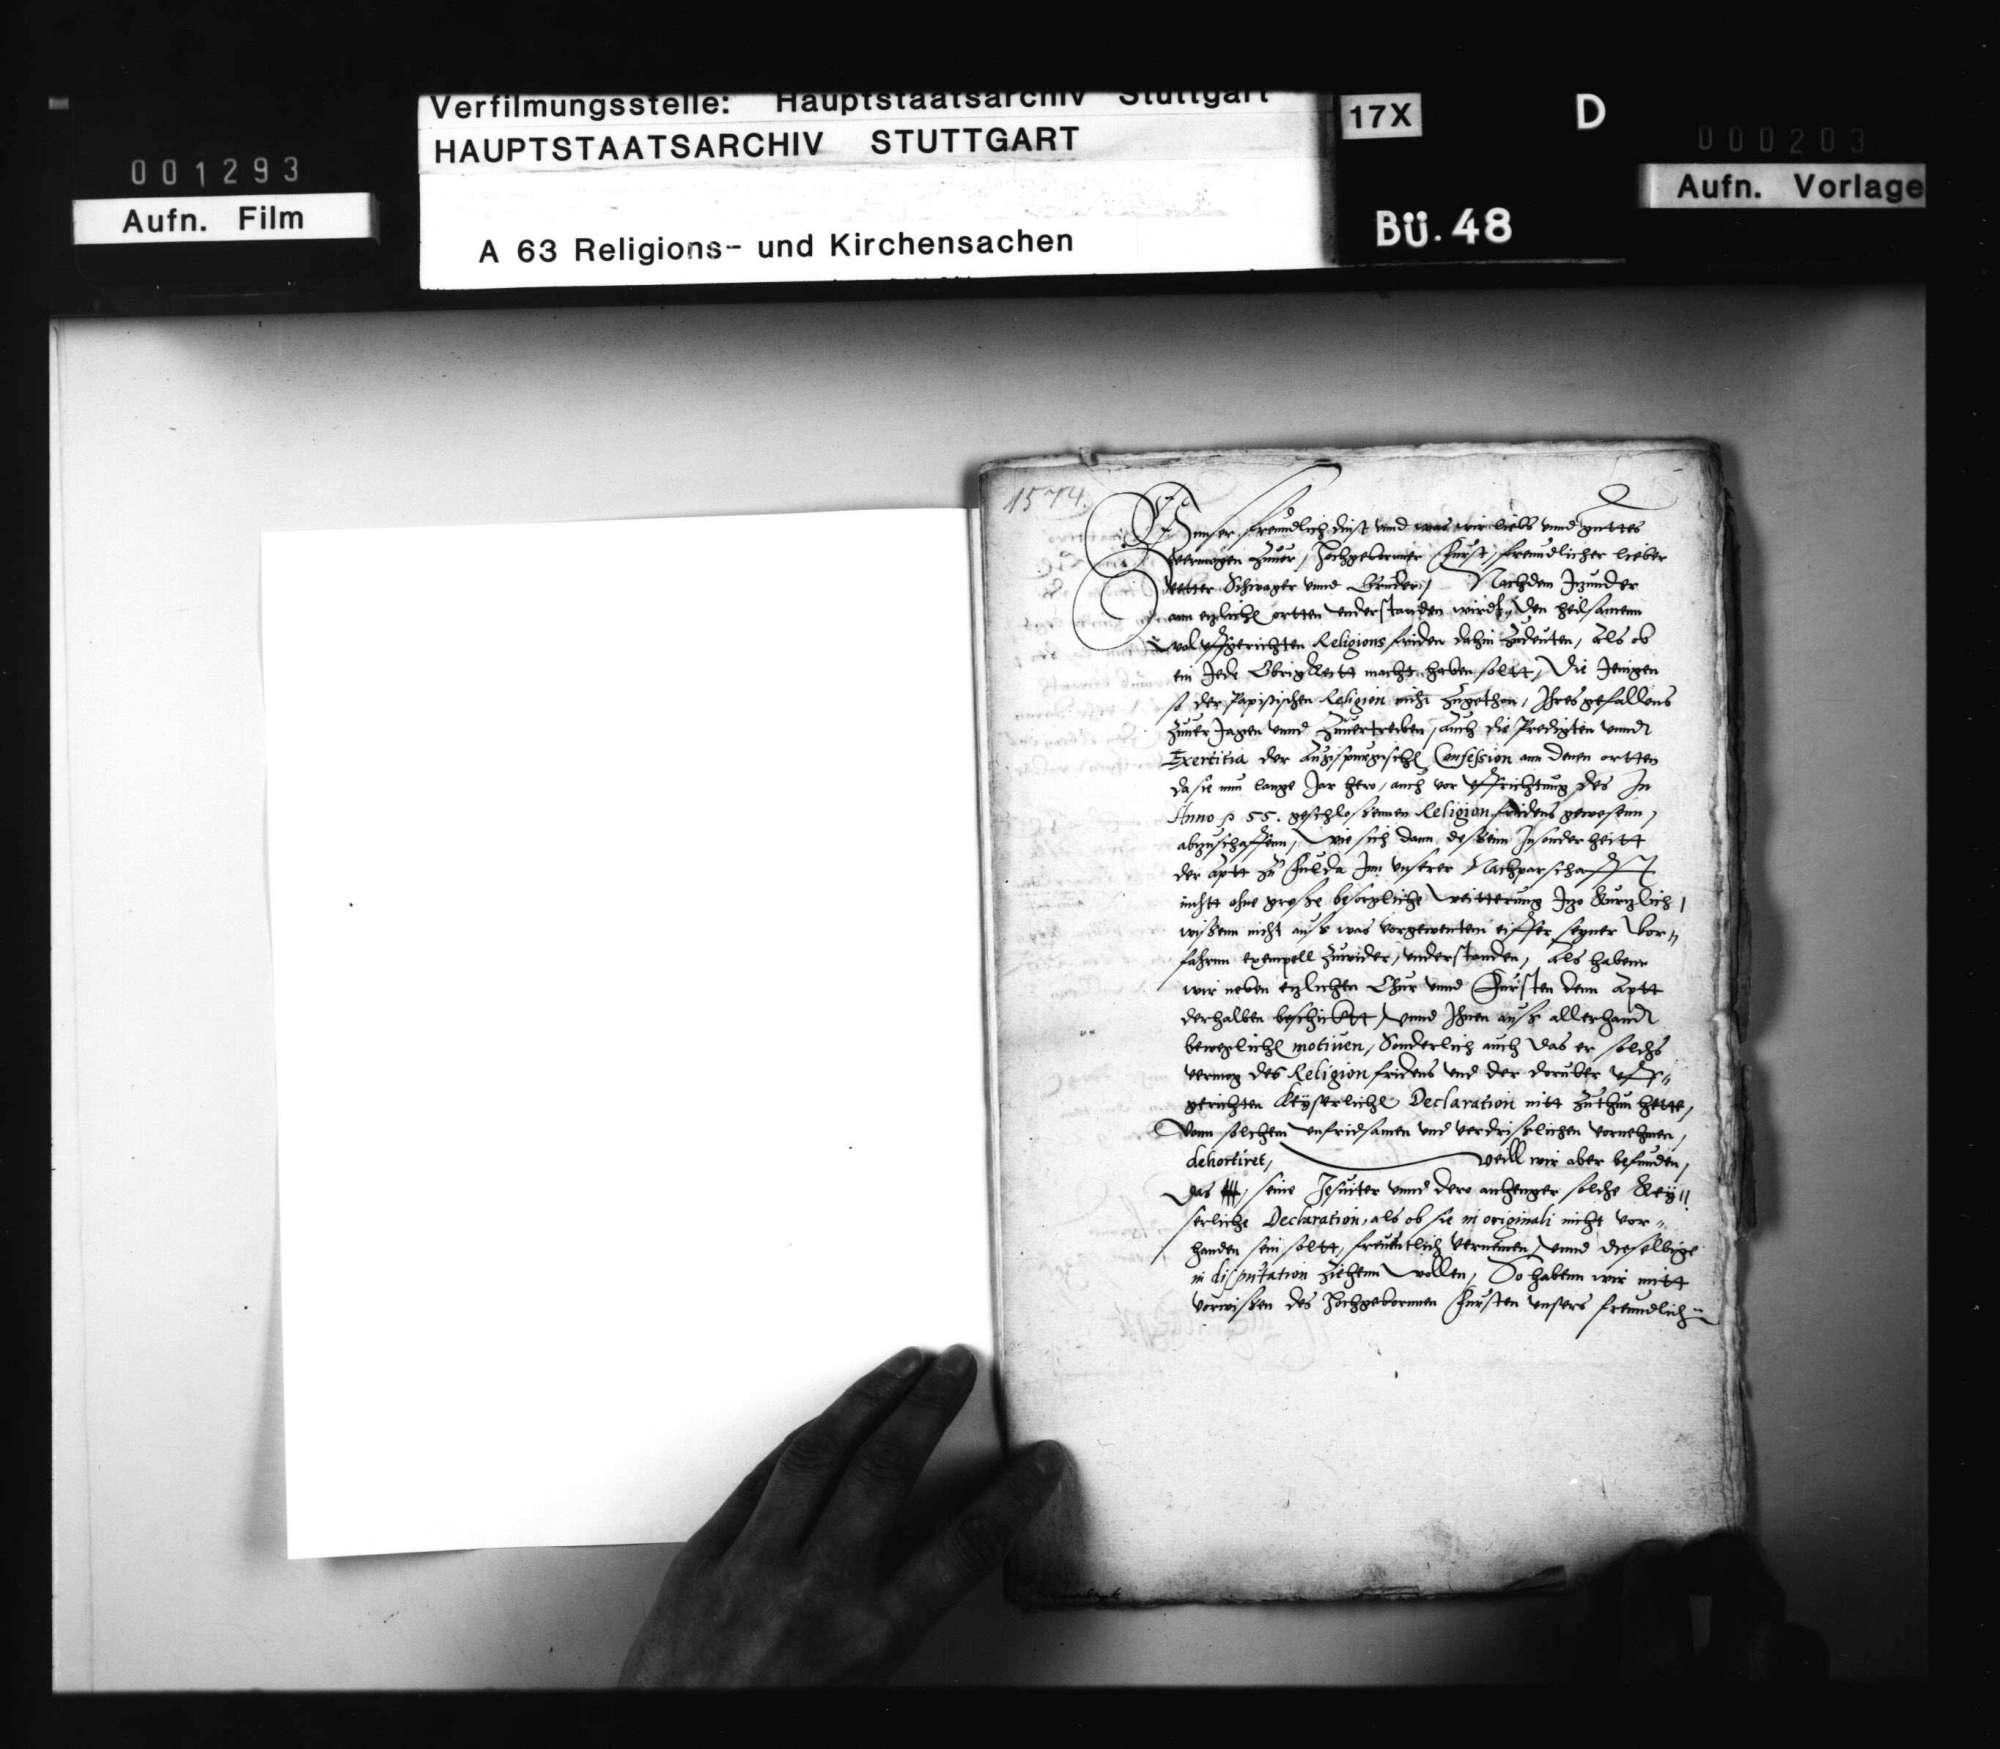 Schreiben Landgraf Wilhelms an Herzog Ludwig, betreffend die Auslegung des Augsburger Religionsfriedens, nebst Antwort., Bild 2